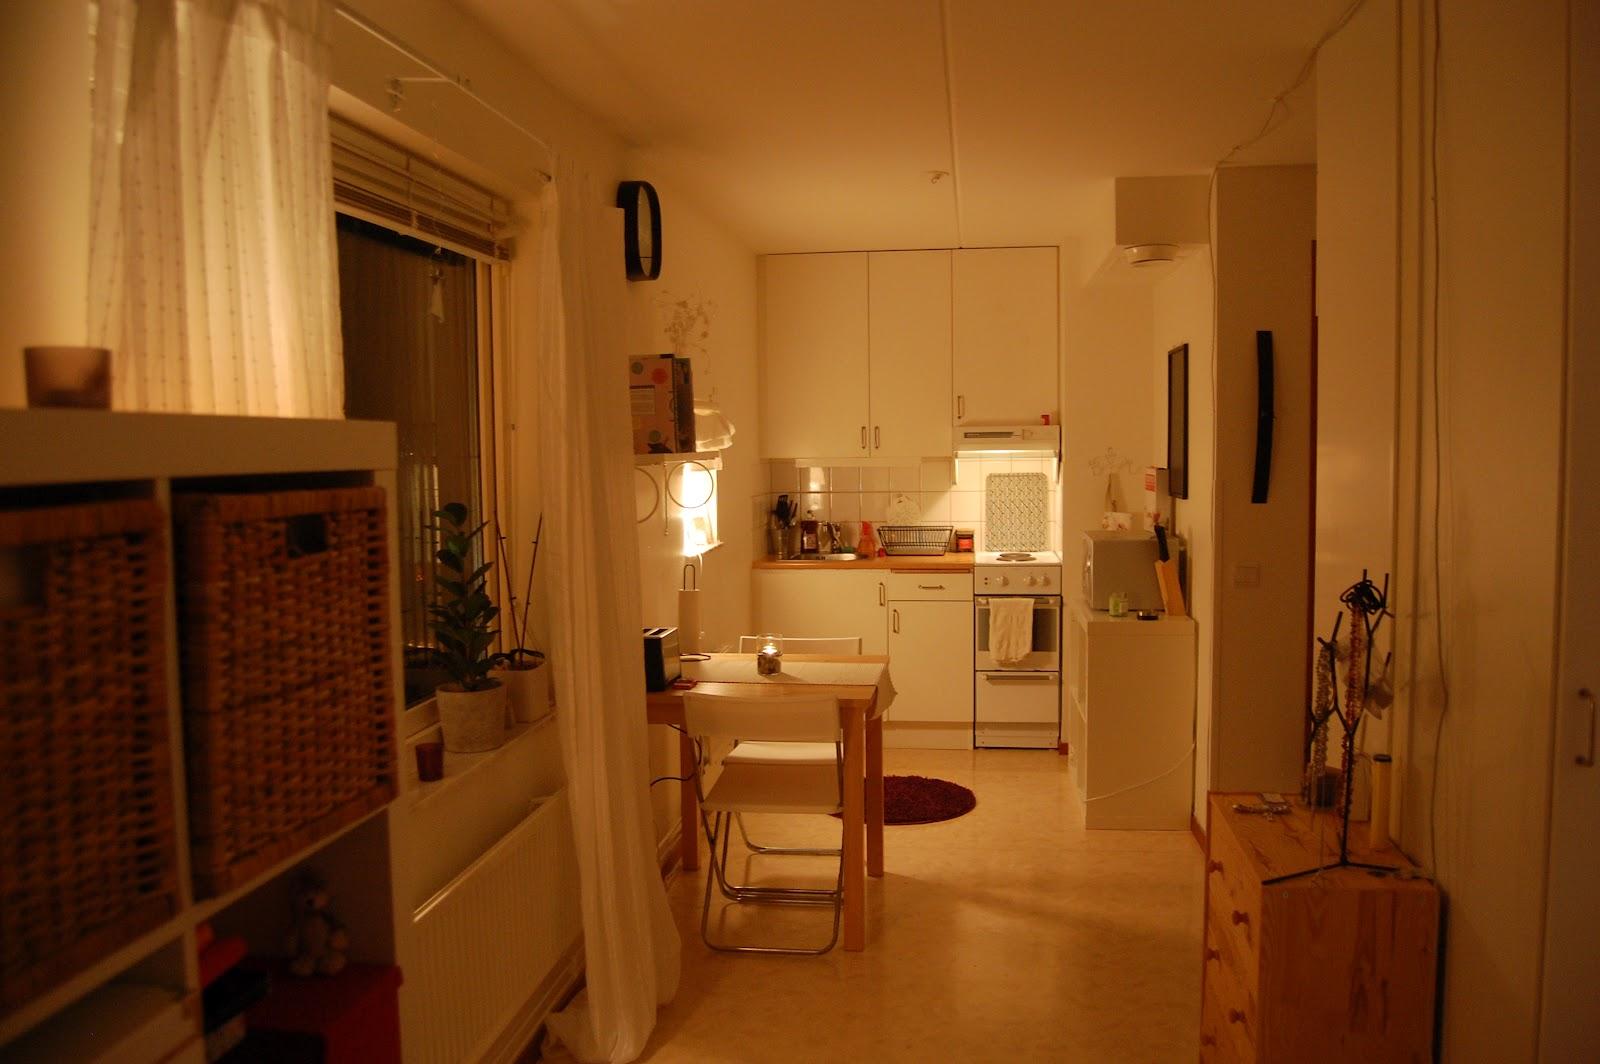 hyra lägenhet i lund